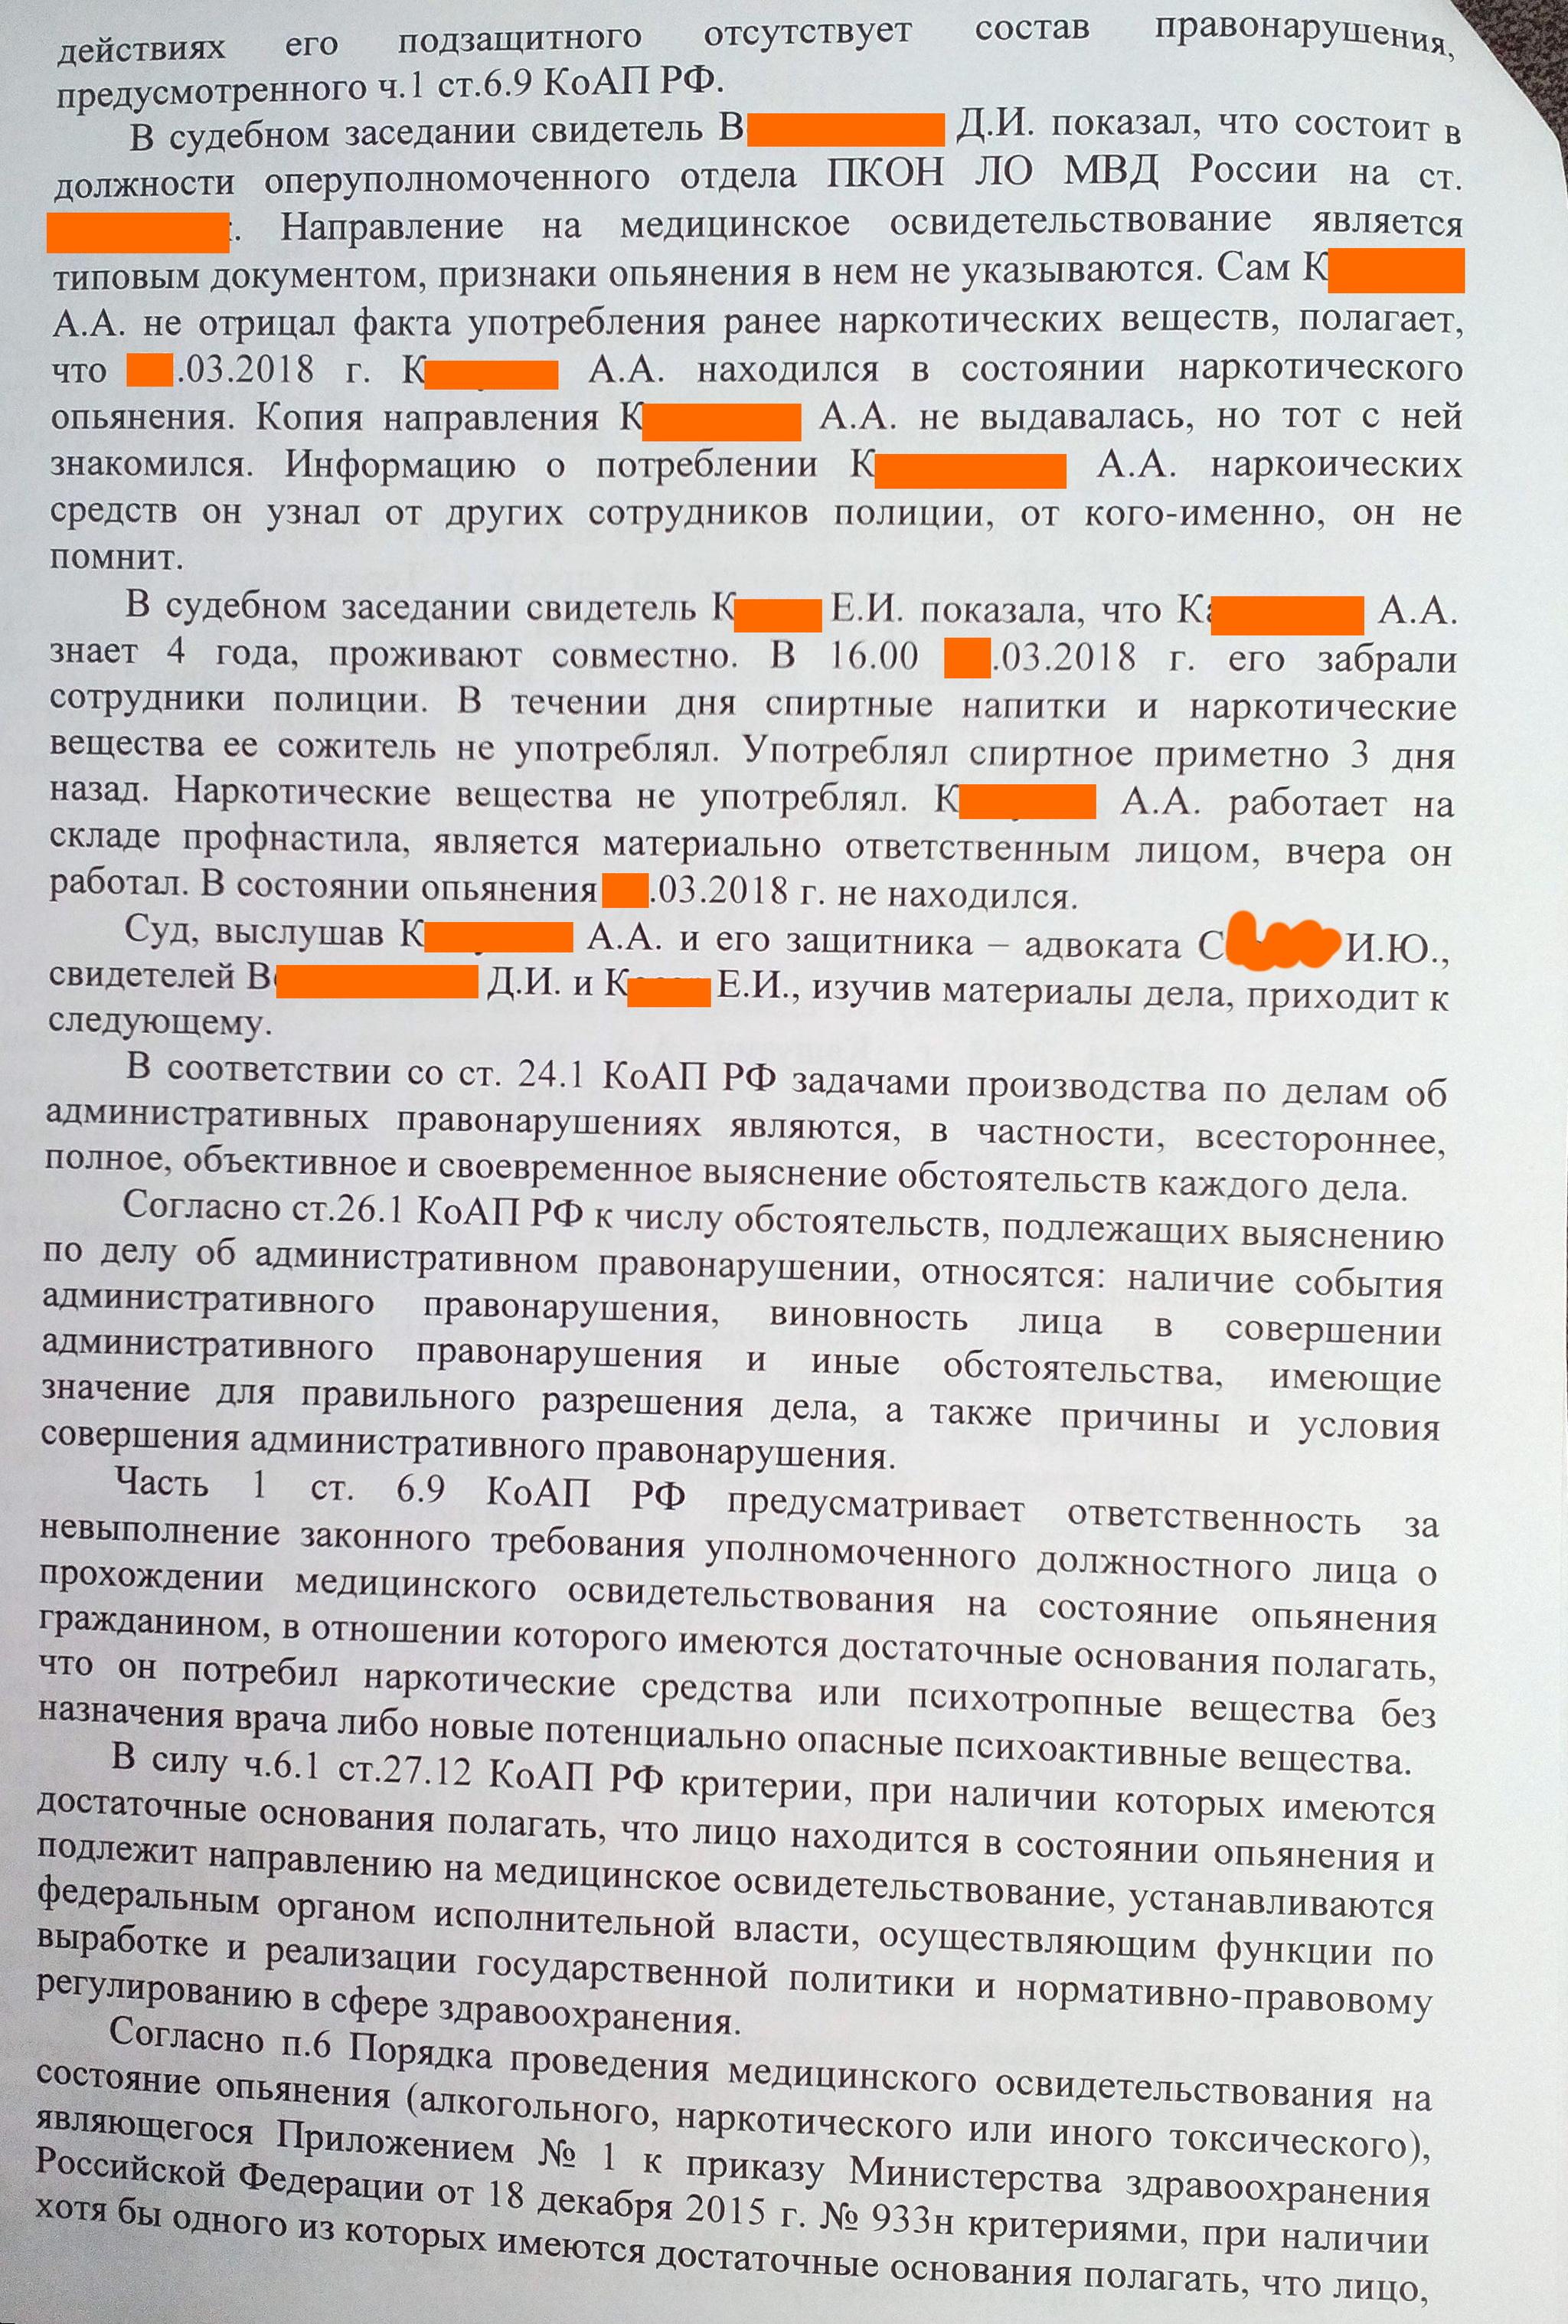 Природоохранная прокуратура 8 21 коап рф